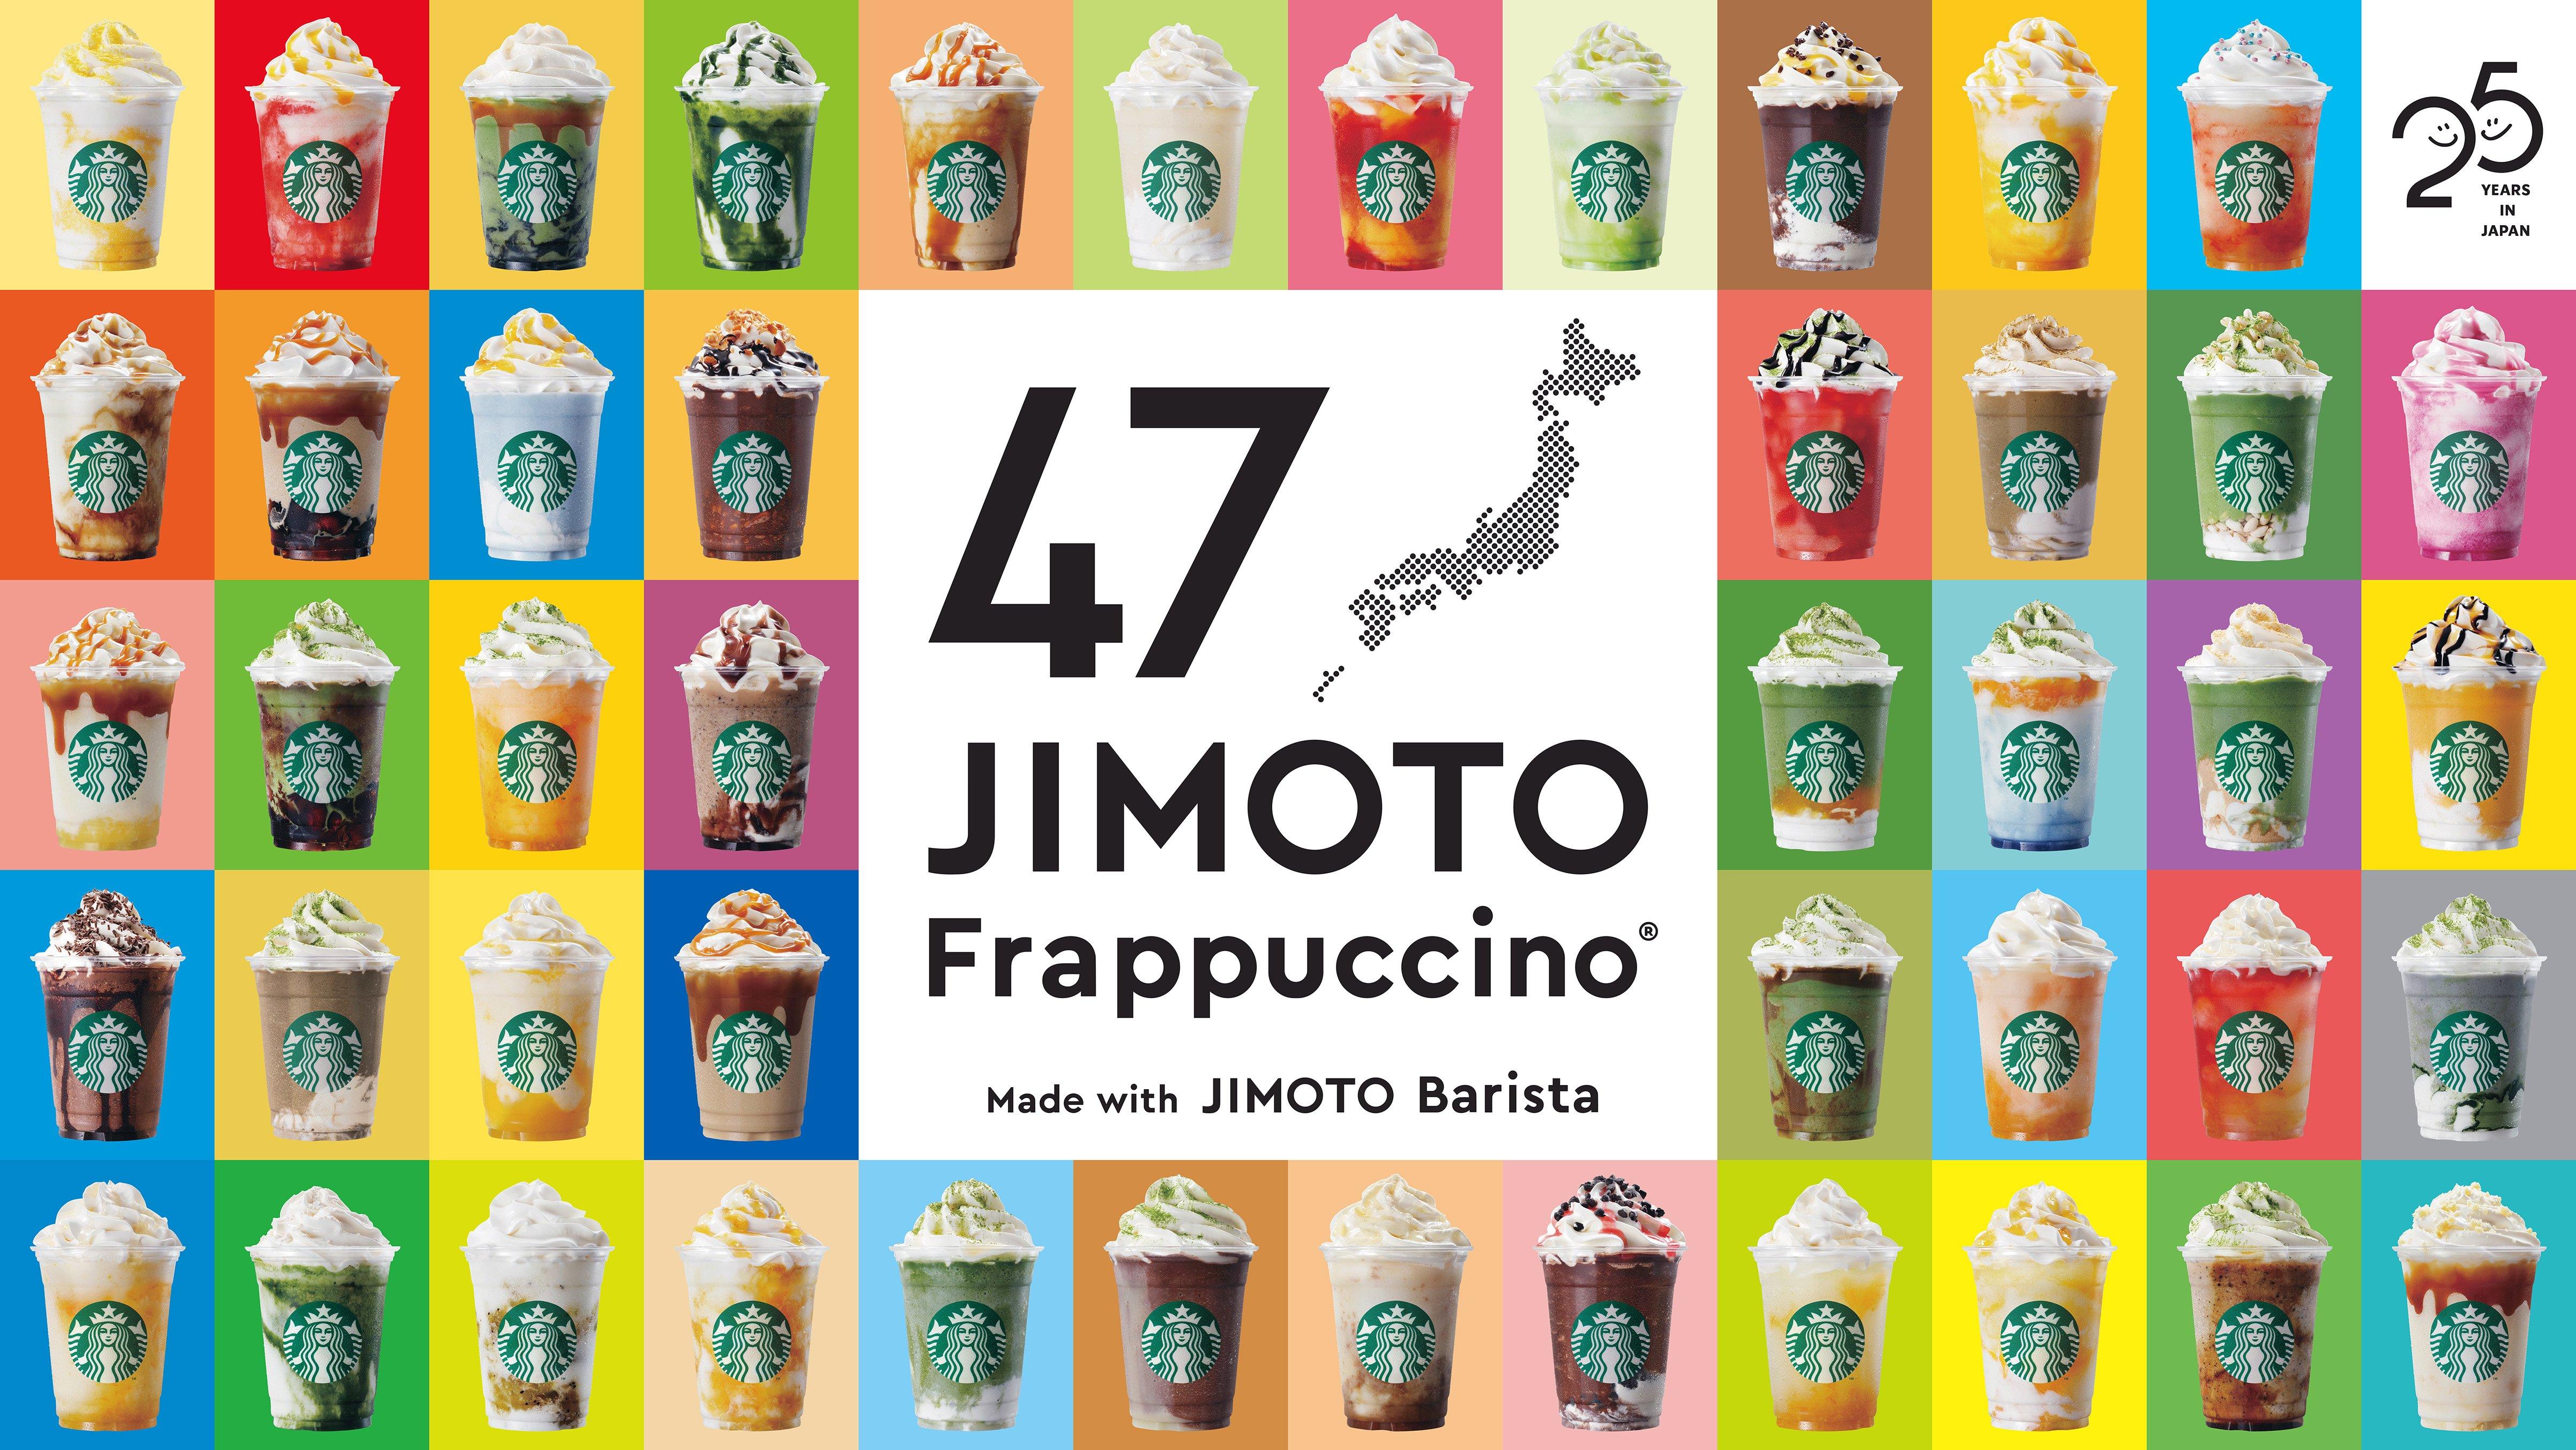 SNSで話題【スタバ】「47都道府県ご当地フラペチーノ」地元の味が楽しめる